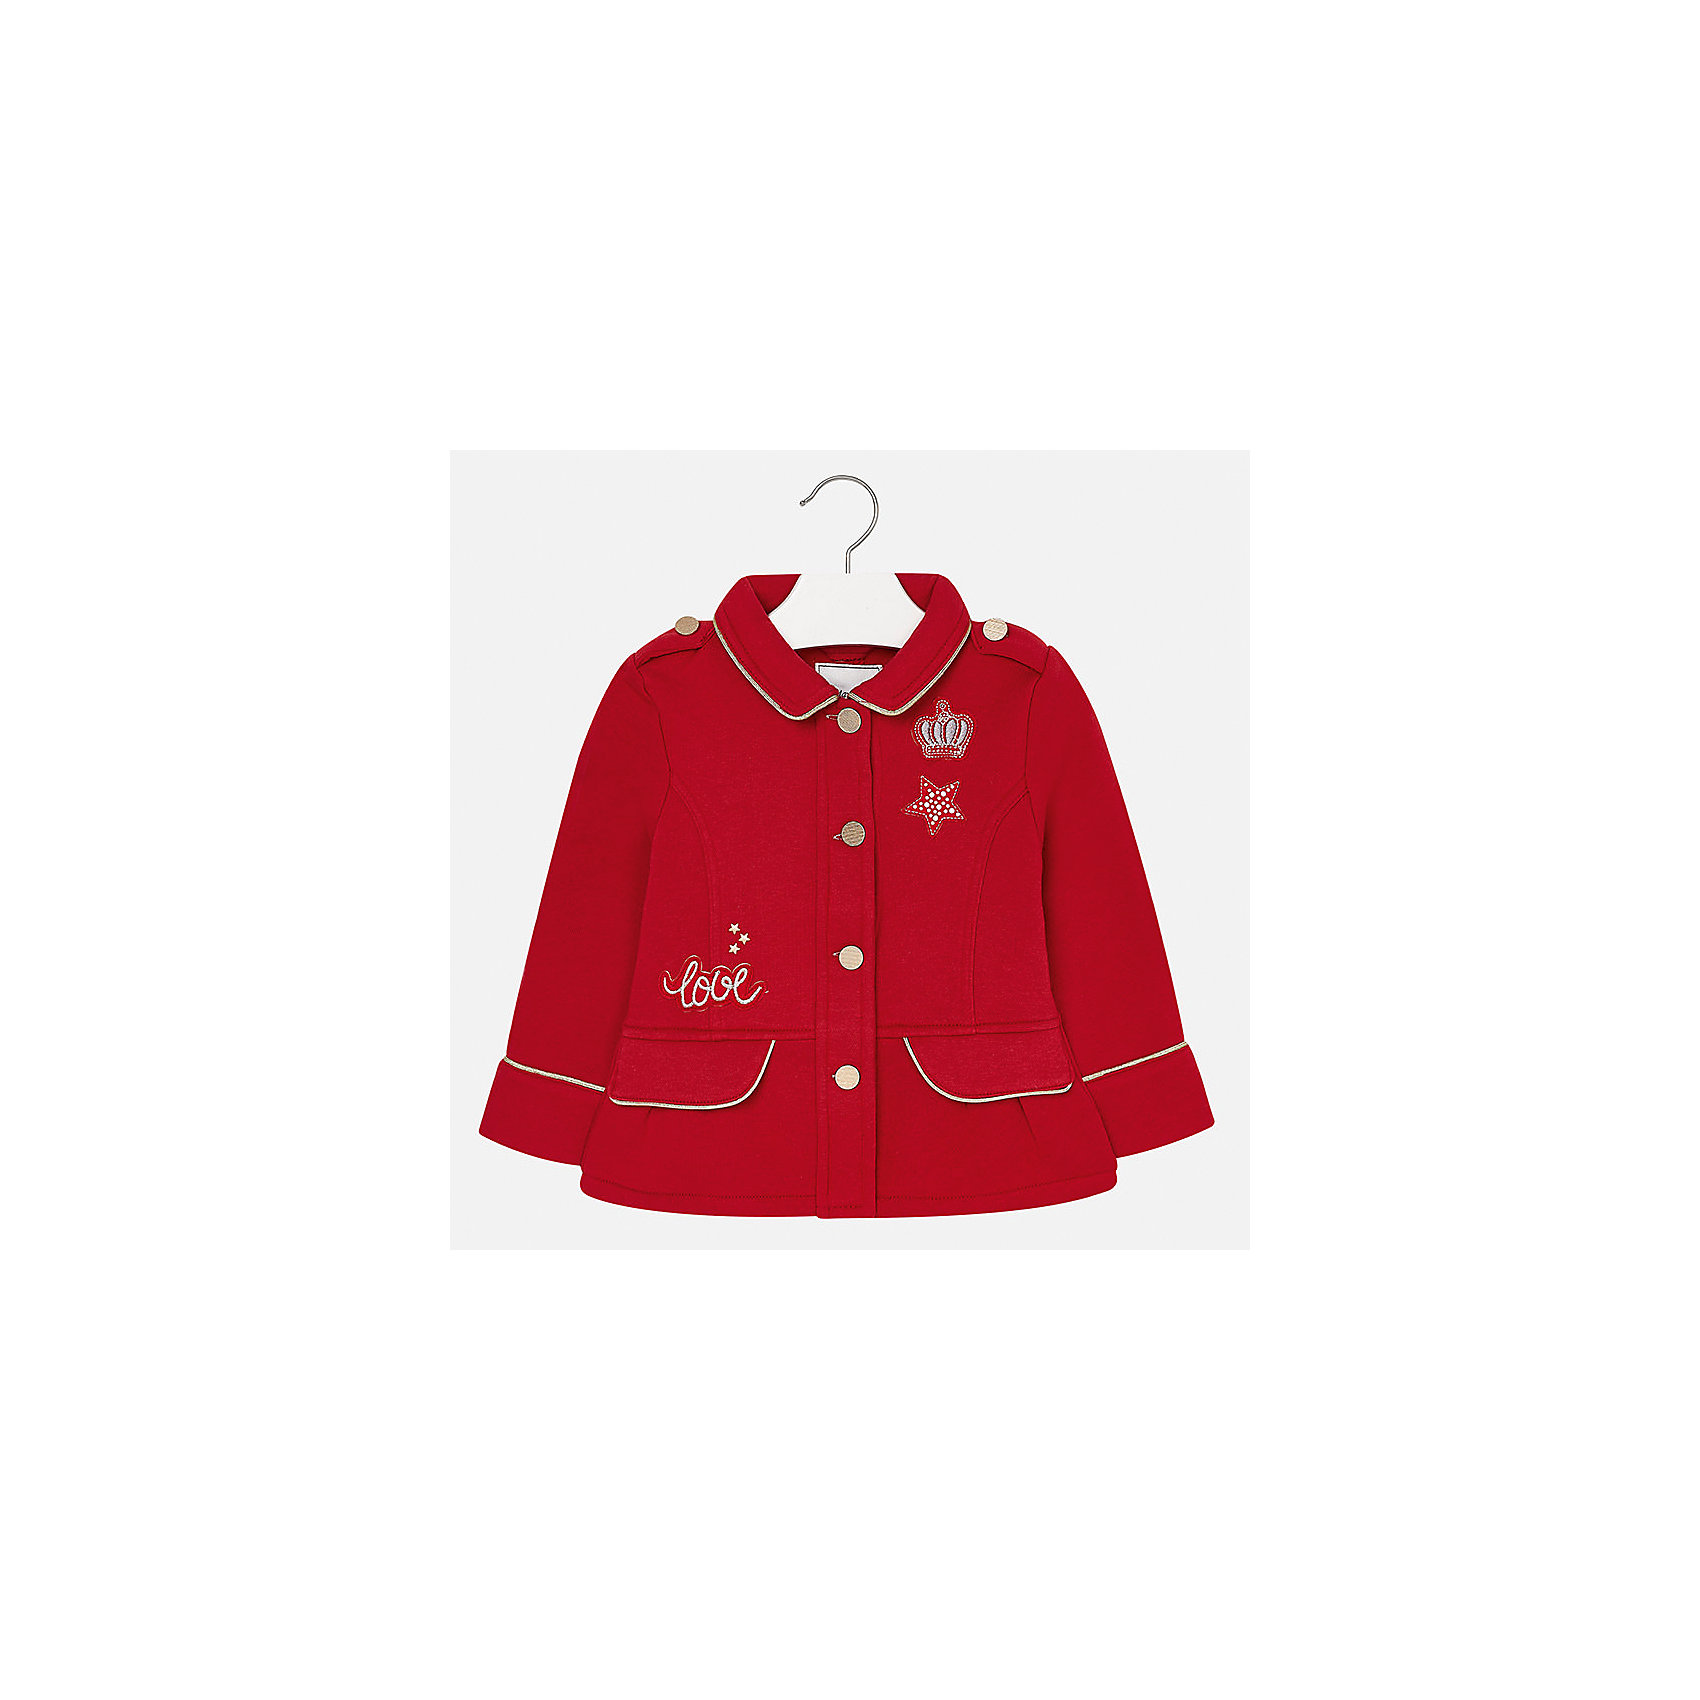 Пиджак для девочки MayoralВетровки и жакеты<br>Характеристики товара:<br><br>• цвет: красный<br>• состав ткани: 80% полиэстер, 20% хлопок<br>• застежка: пуговицы<br>• стразы<br>• сезон: круглый год<br>• страна бренда: Испания<br>• страна изготовитель: Индия<br><br>Этот пиджак для девочки эффектно смотрится благодаря интересной отделке. Модный пиджак от Майорал - это пример отличного вкуса и высокого качества. <br><br>В одежде от испанской компании Майорал ребенок будет выглядеть модно, а чувствовать себя - комфортно. Целая команда европейских талантливых дизайнеров работает над созданием стильных и оригинальных моделей одежды.<br><br>Пиджак для девочки Mayoral (Майорал) можно купить в нашем интернет-магазине.<br><br>Ширина мм: 190<br>Глубина мм: 74<br>Высота мм: 229<br>Вес г: 236<br>Цвет: красный<br>Возраст от месяцев: 96<br>Возраст до месяцев: 108<br>Пол: Женский<br>Возраст: Детский<br>Размер: 134,98,104,110,116,122,128<br>SKU: 6924411